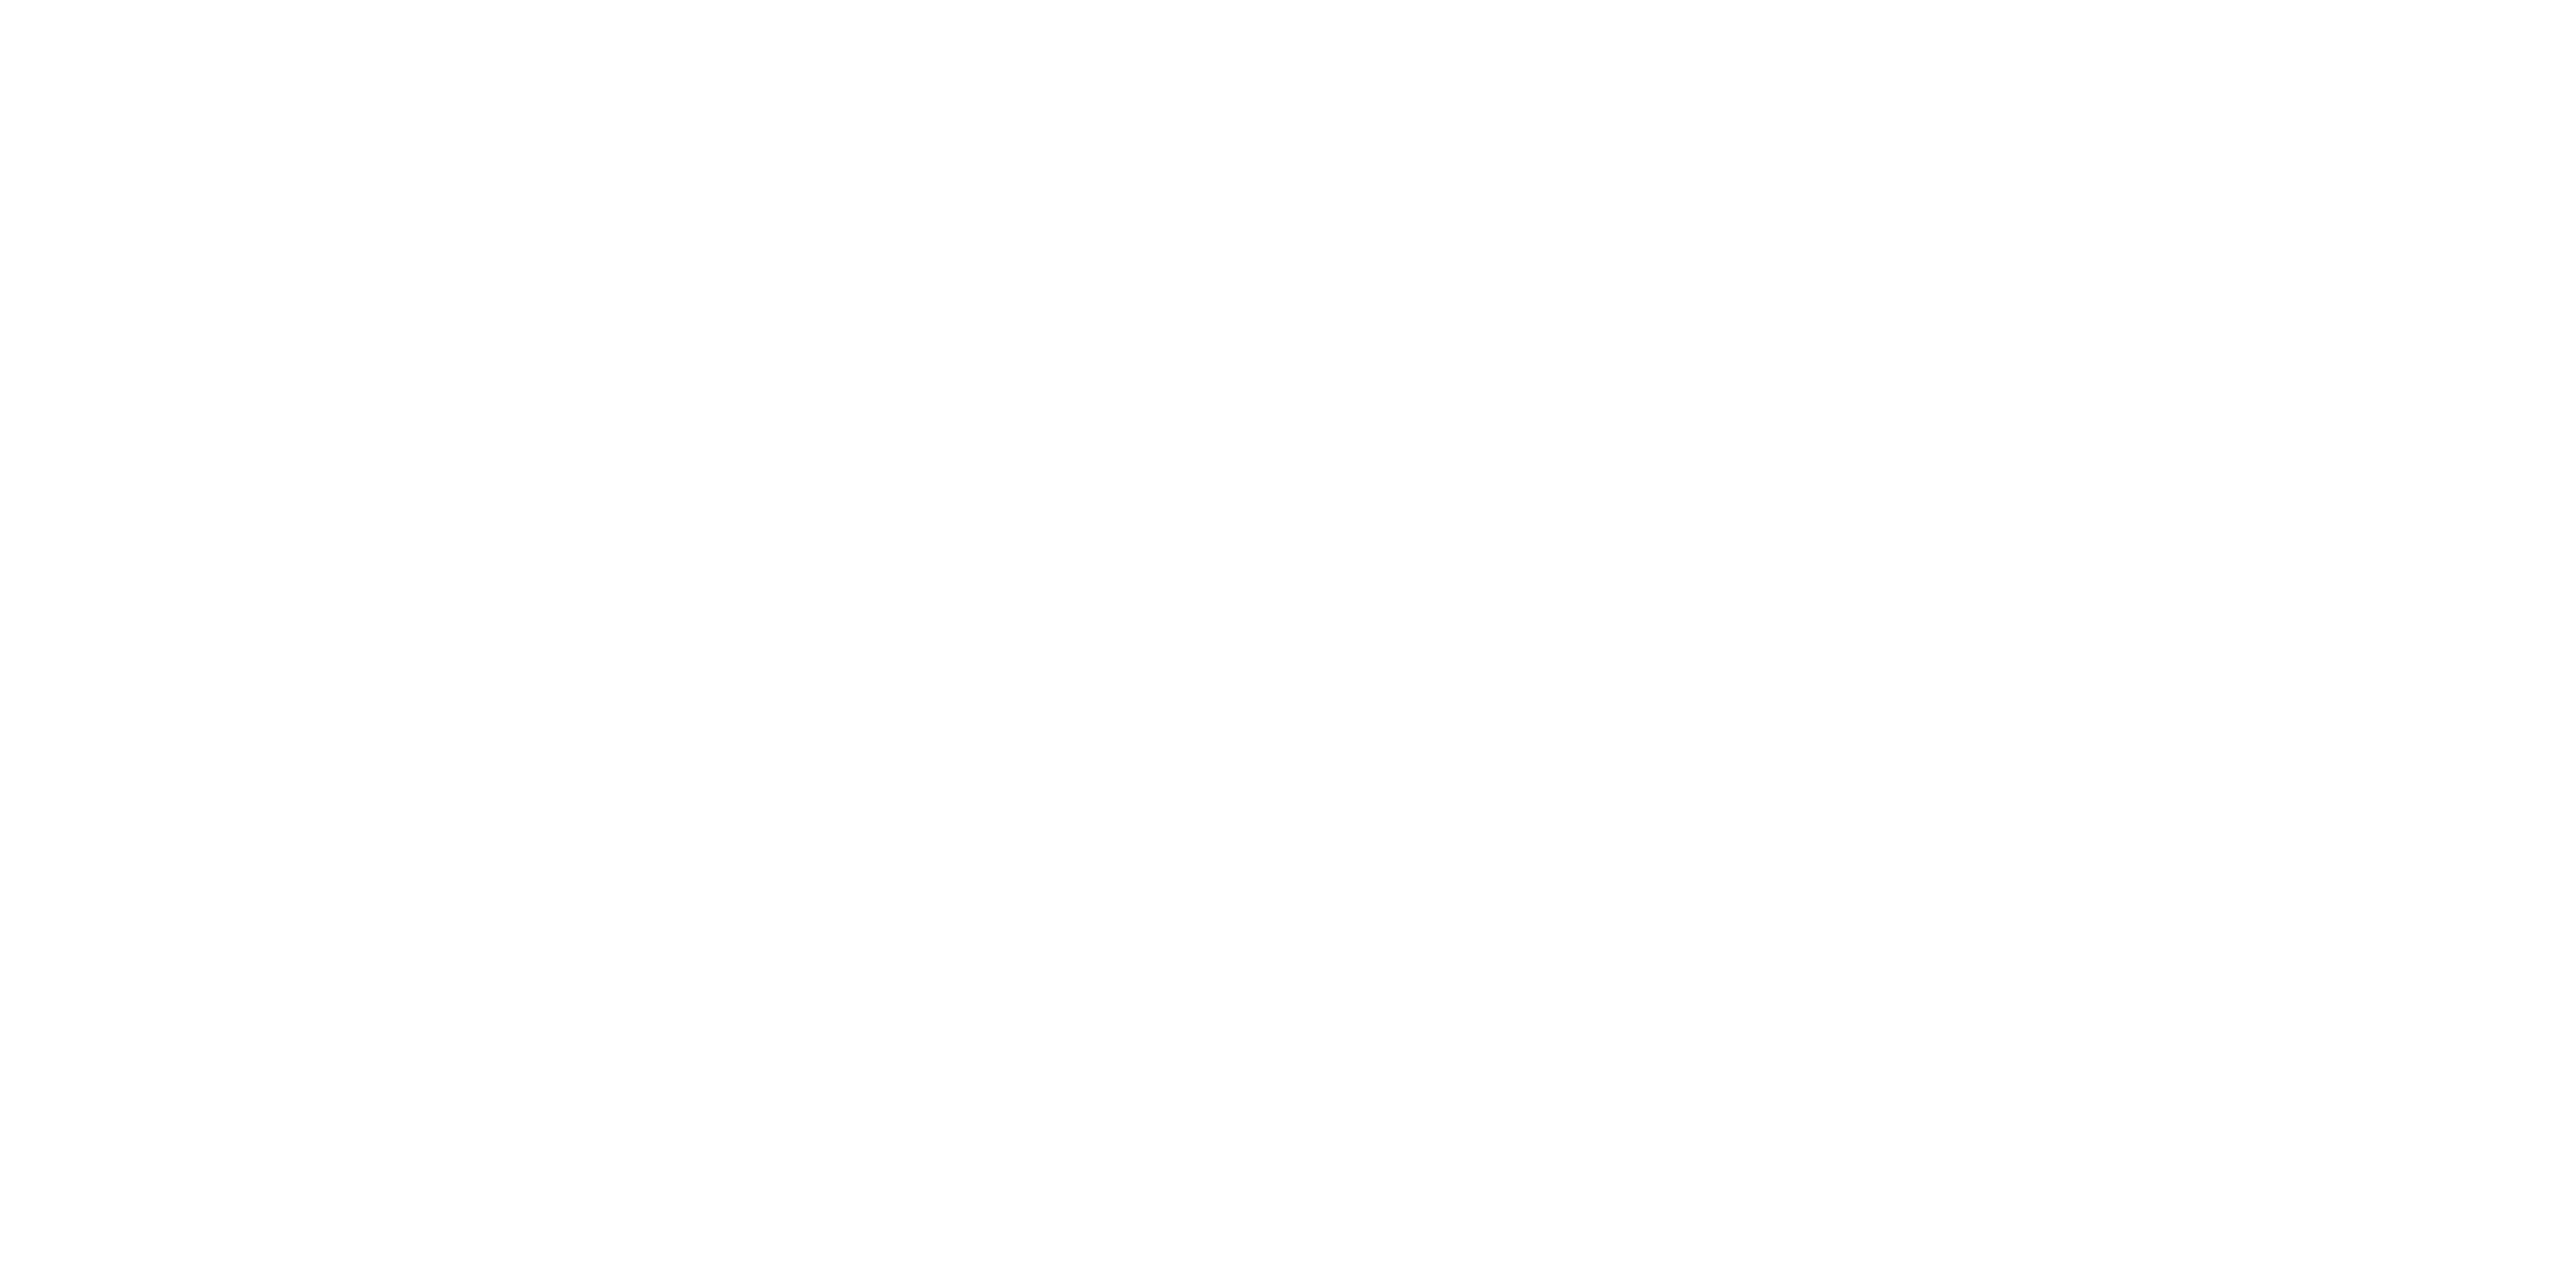 Schriftzug: Die Weissbinderei